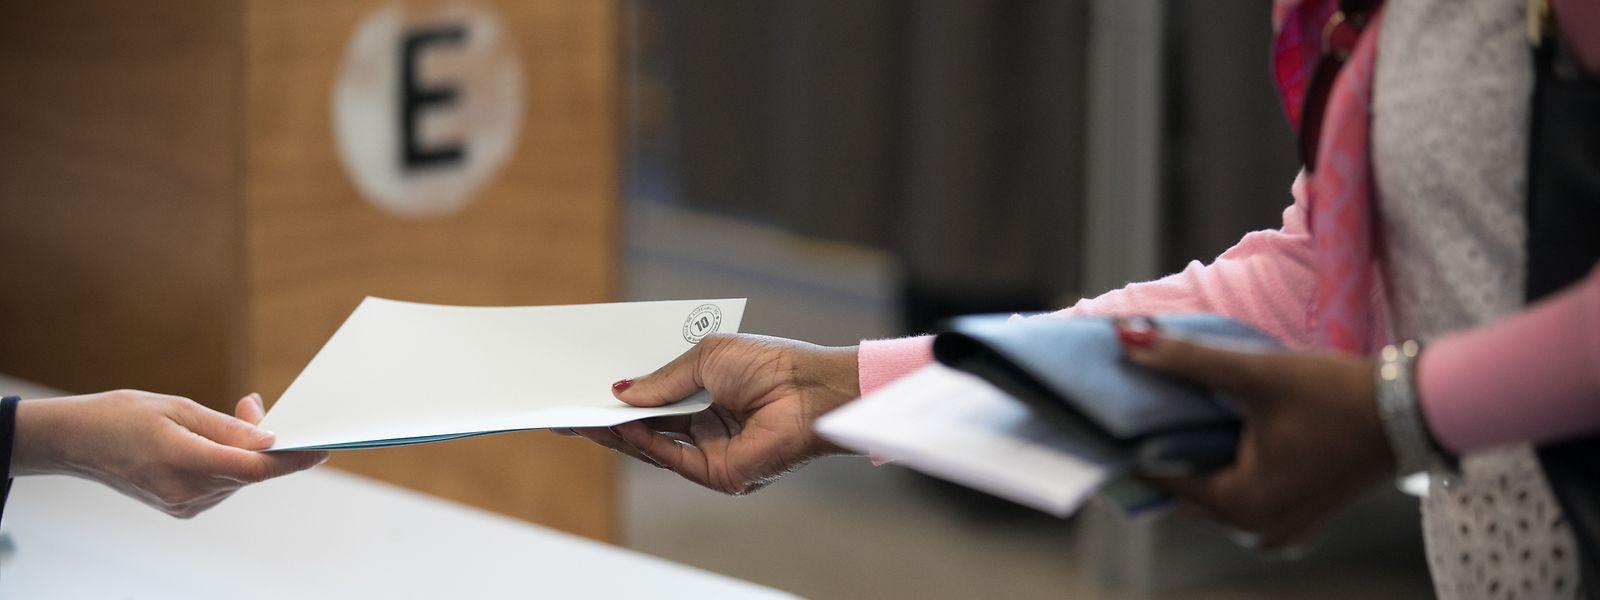 Die Debatten zum Wahlsystem und zur Verfassungsreform sollen getrennt geführt werden.